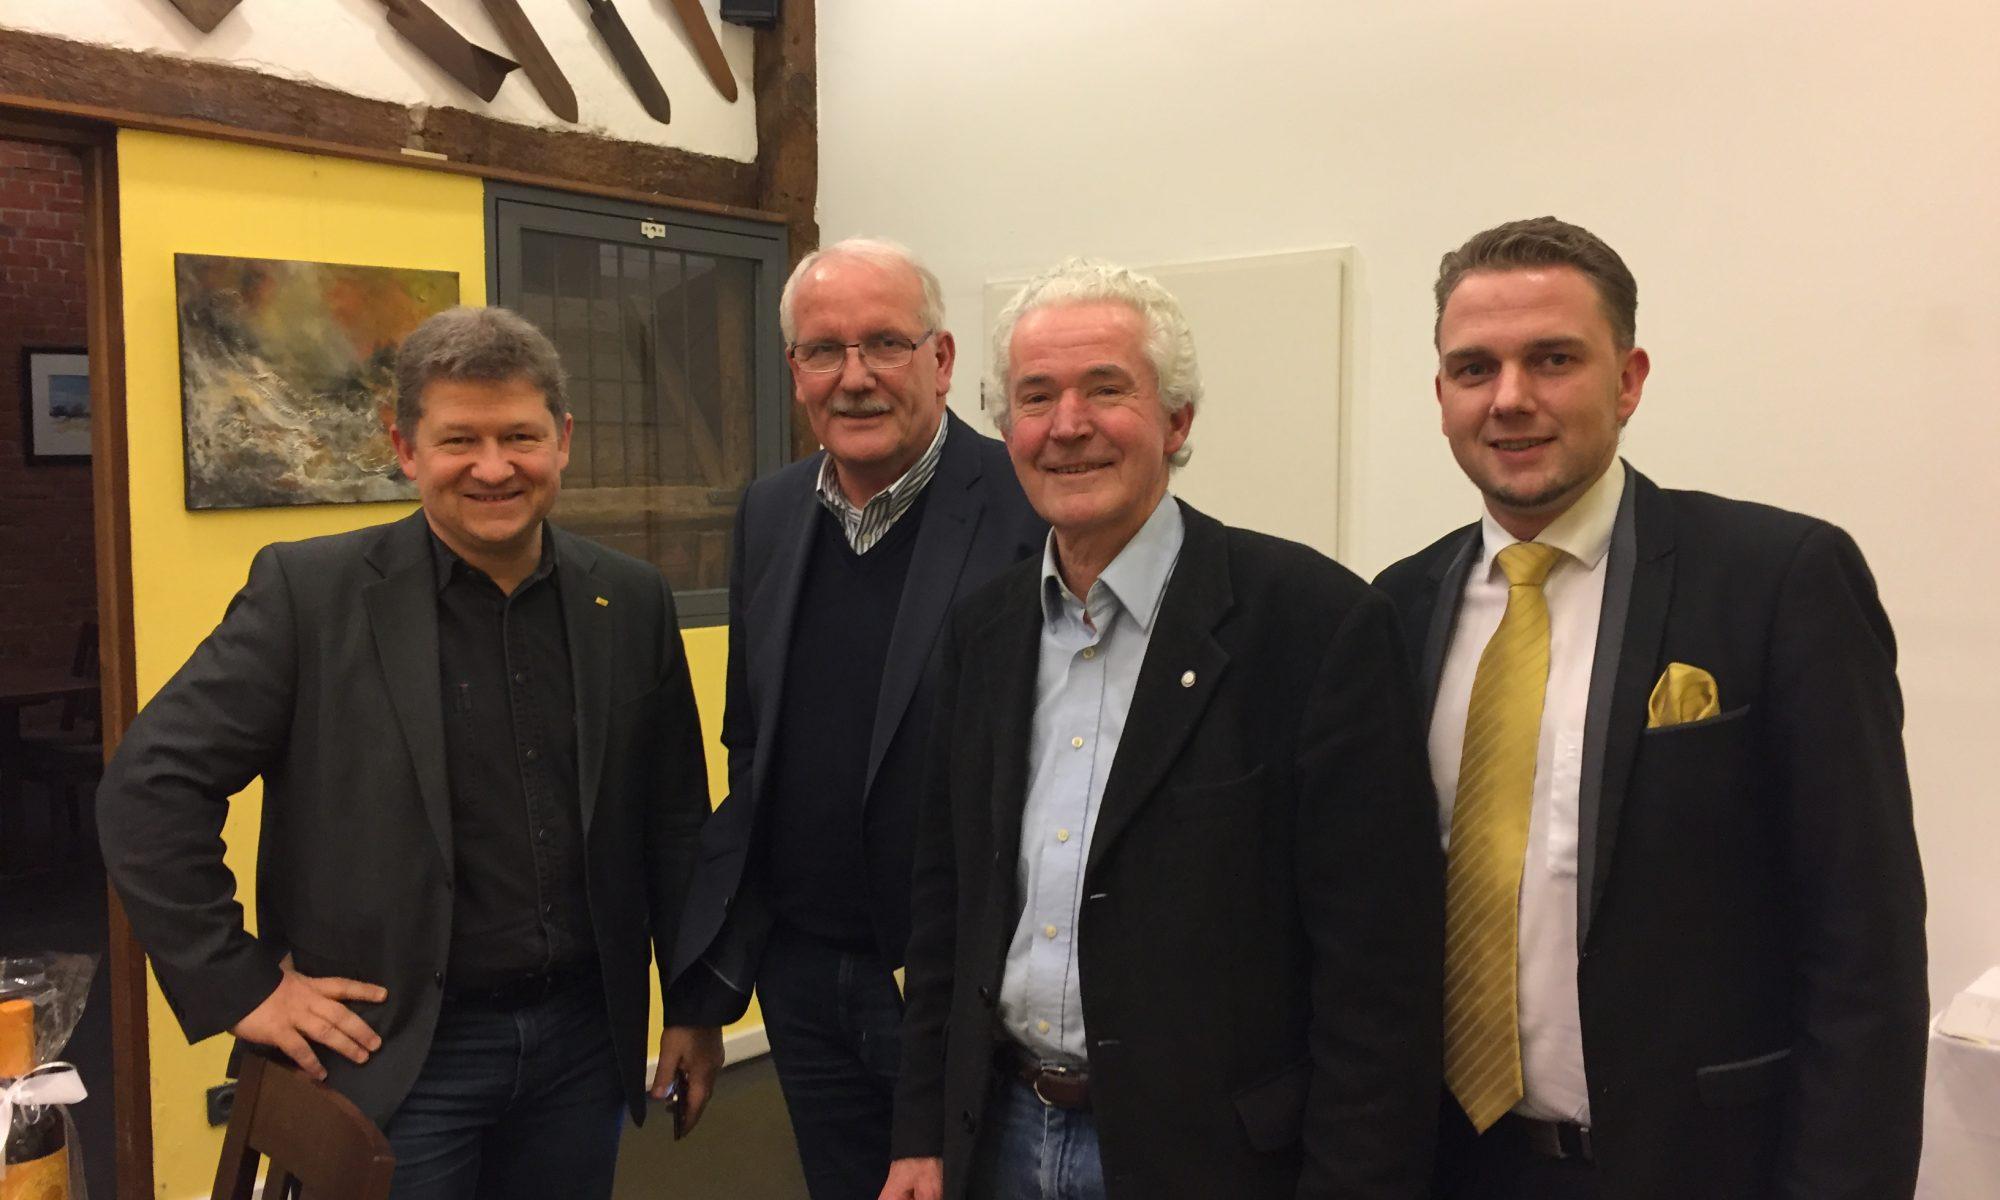 Bürger fragen - Politiker antworten - FDP Kisdorf